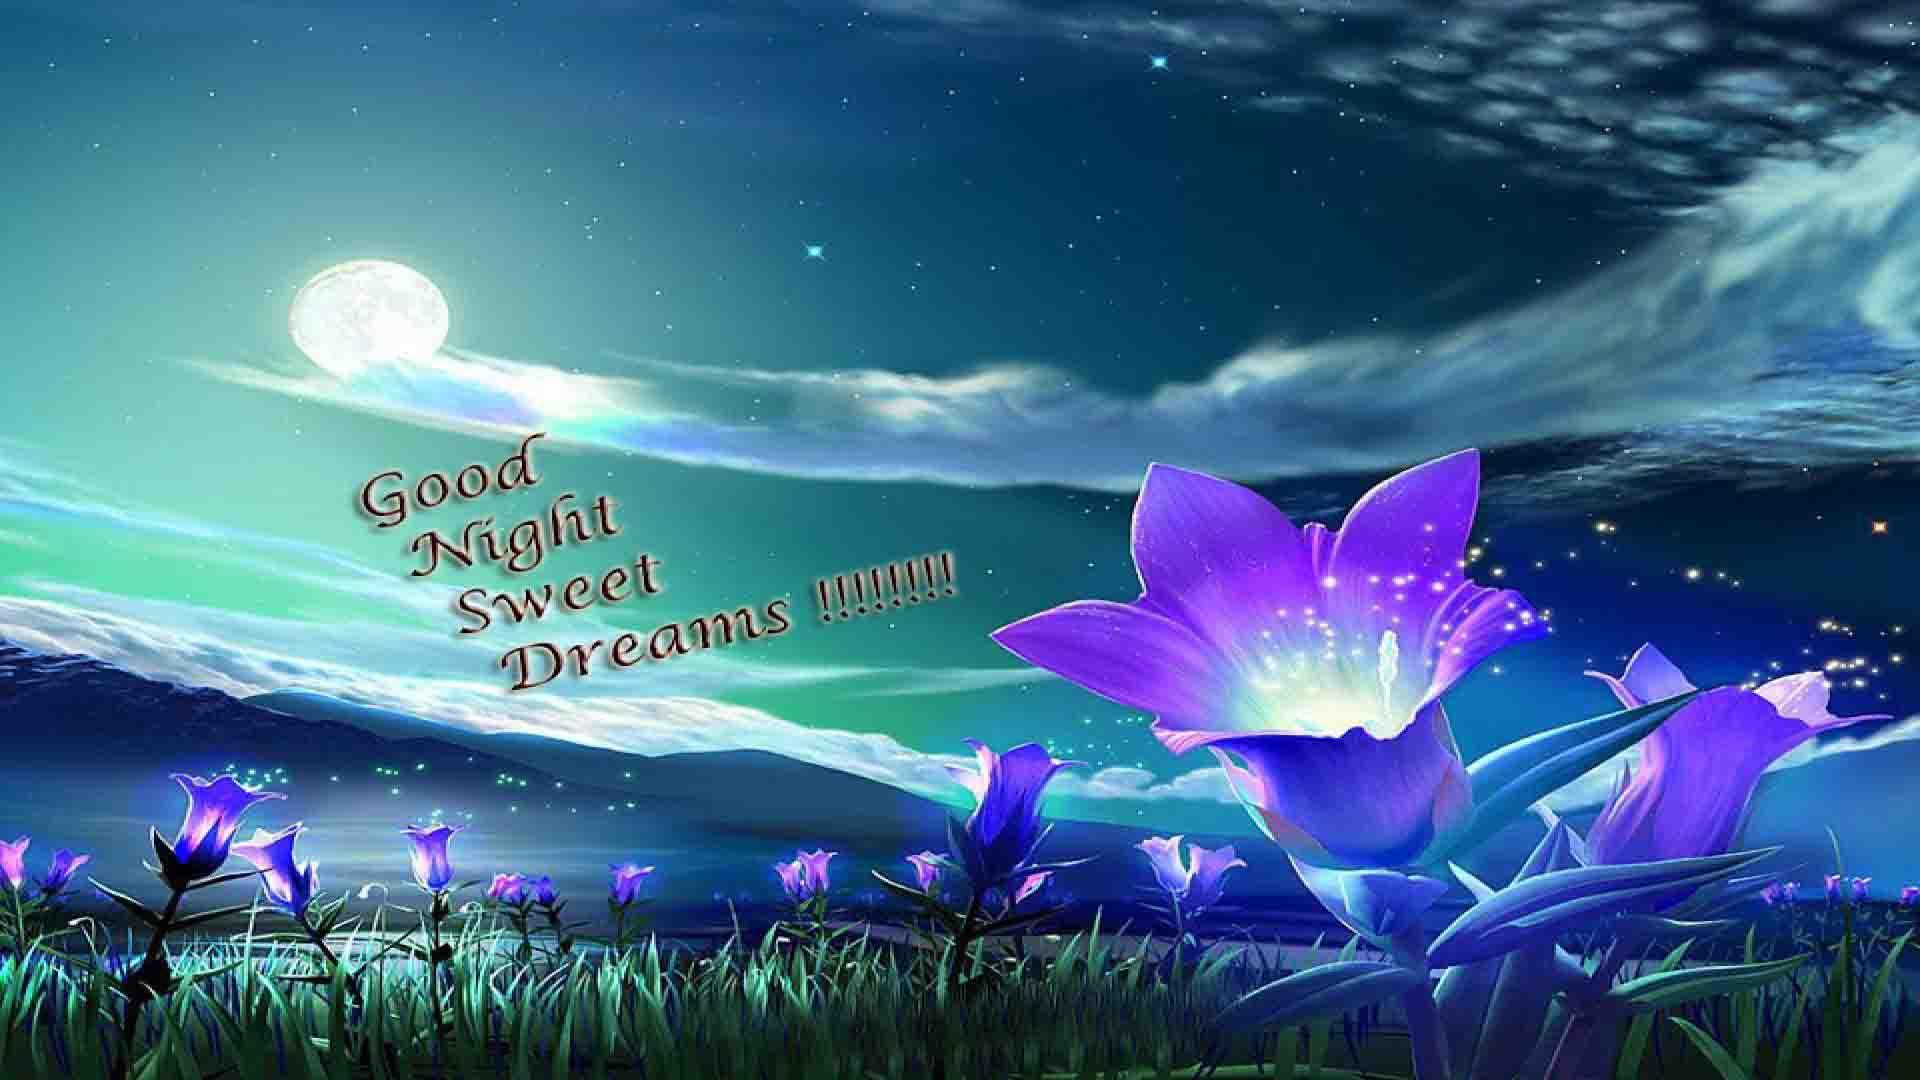 Ảnh chúc ngủ ngon sweet dream